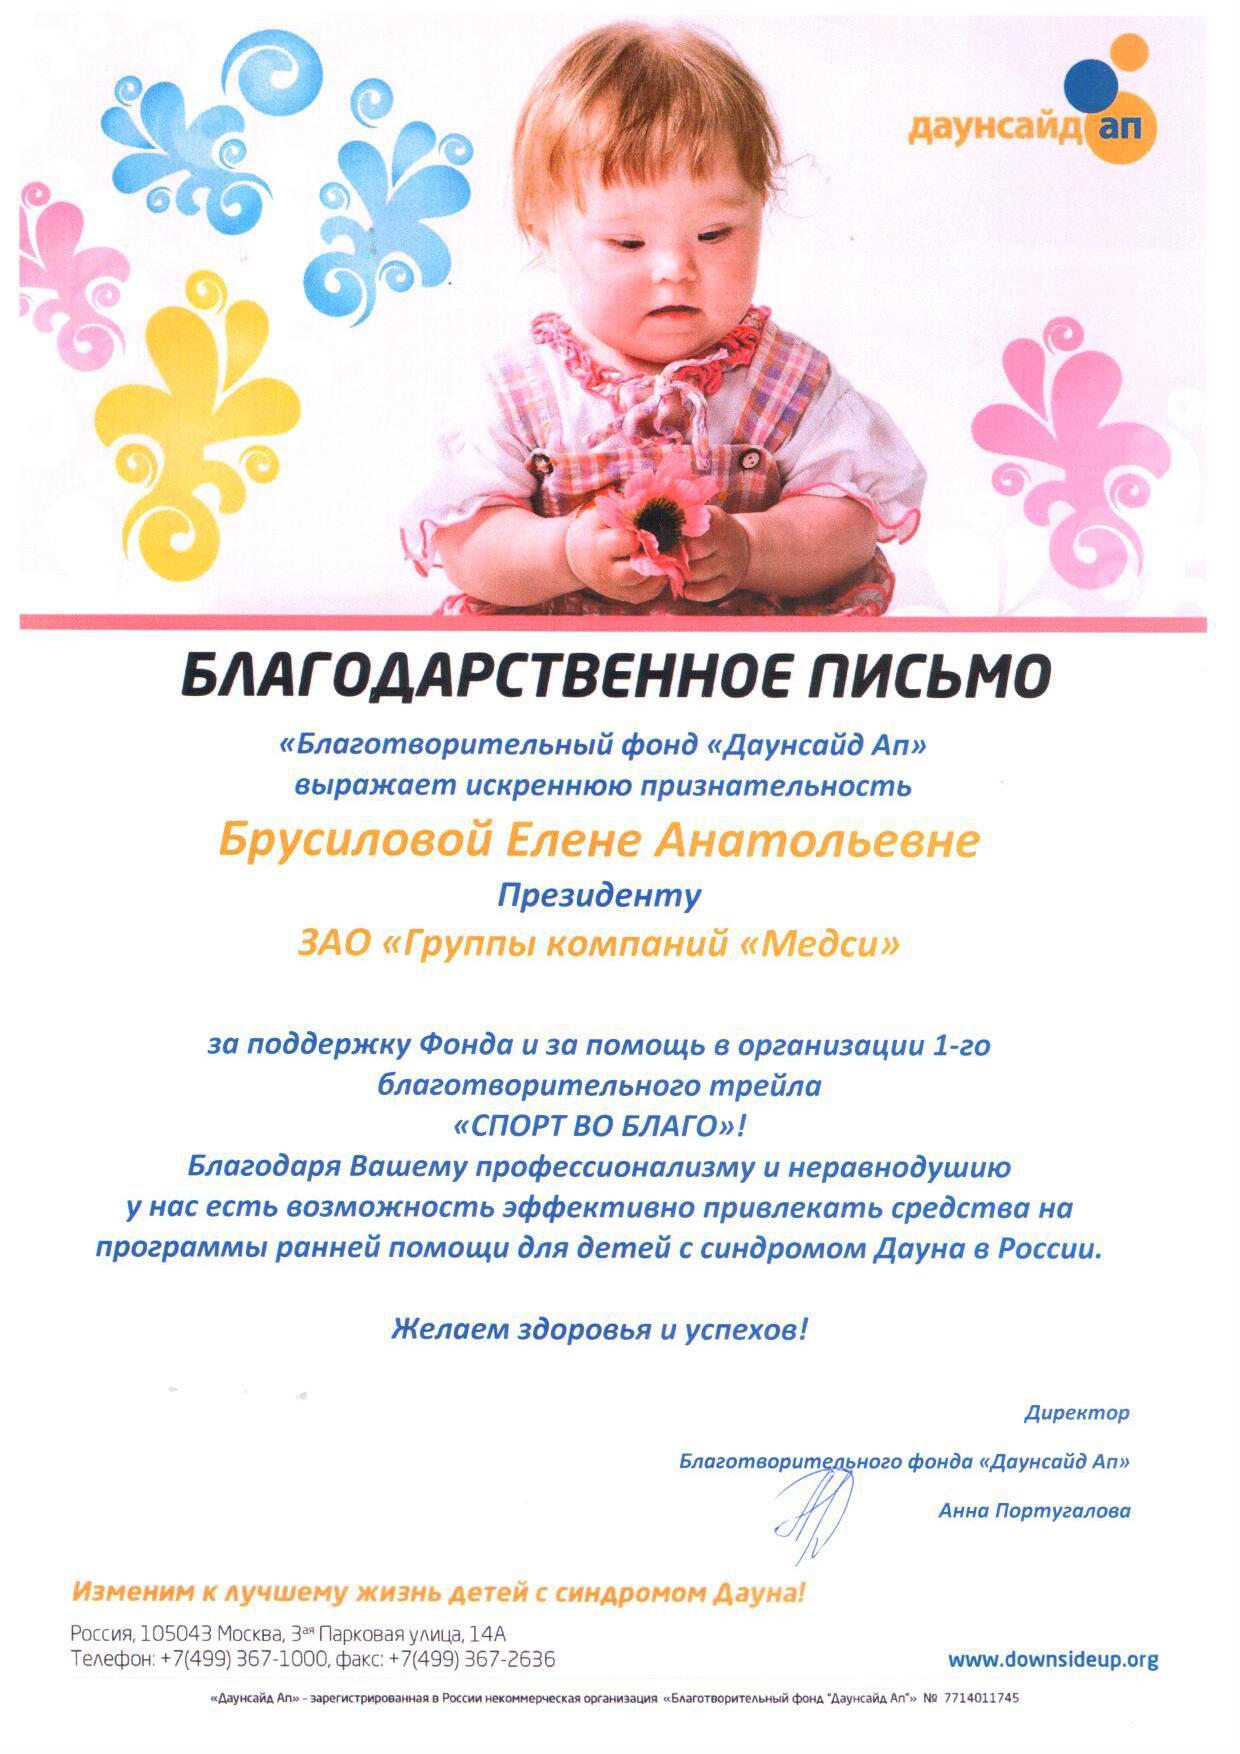 Благодарственное письмо БФ Дайнсайд Ап, первый благотворительный трейл  СПОРТ ВО БЛАГО 3c6f0a77291